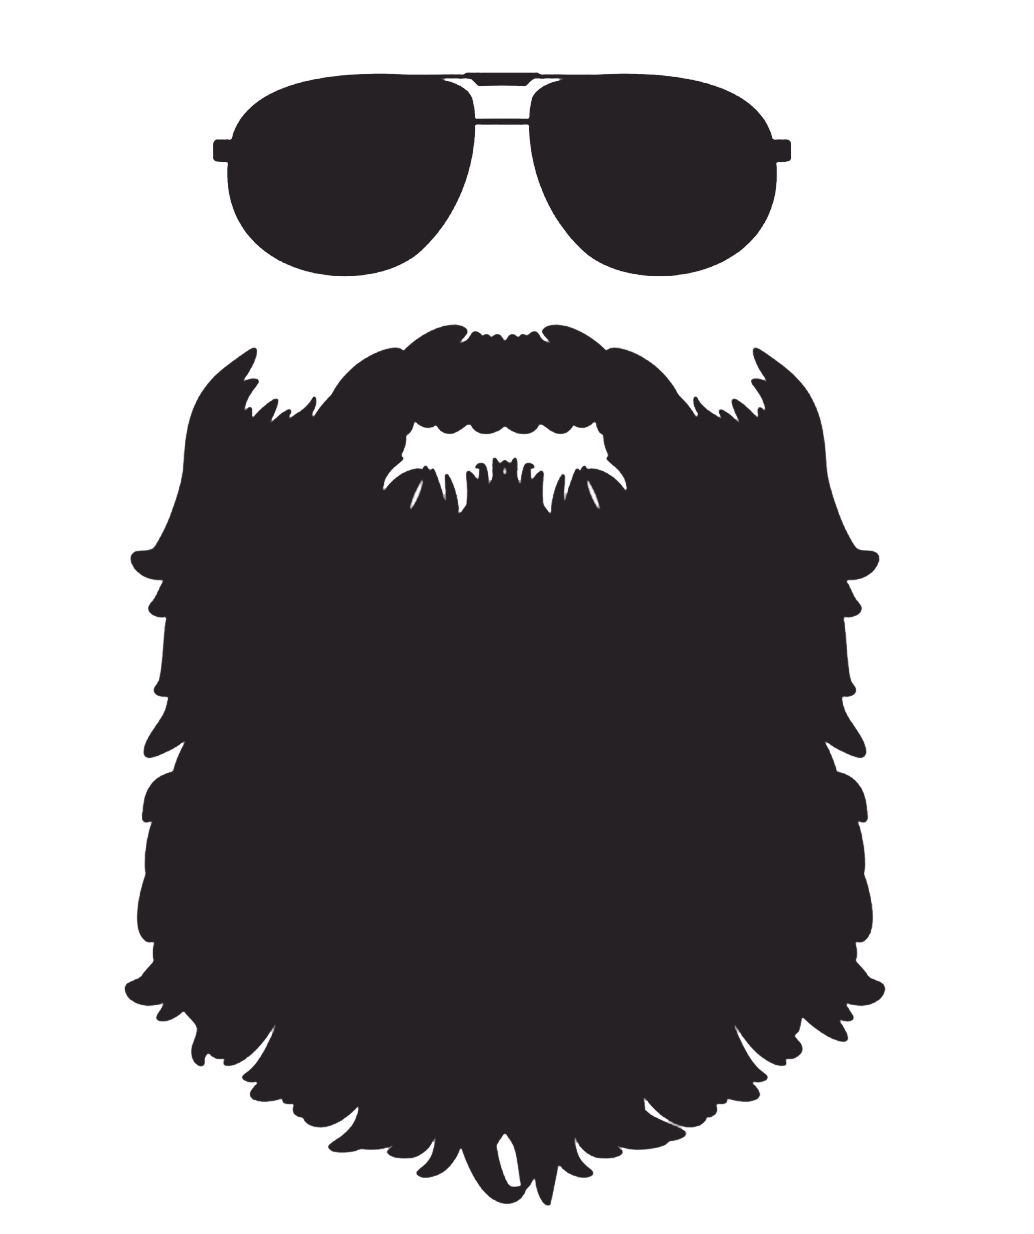 Beard clipart sunglass. Silhouette clip art png